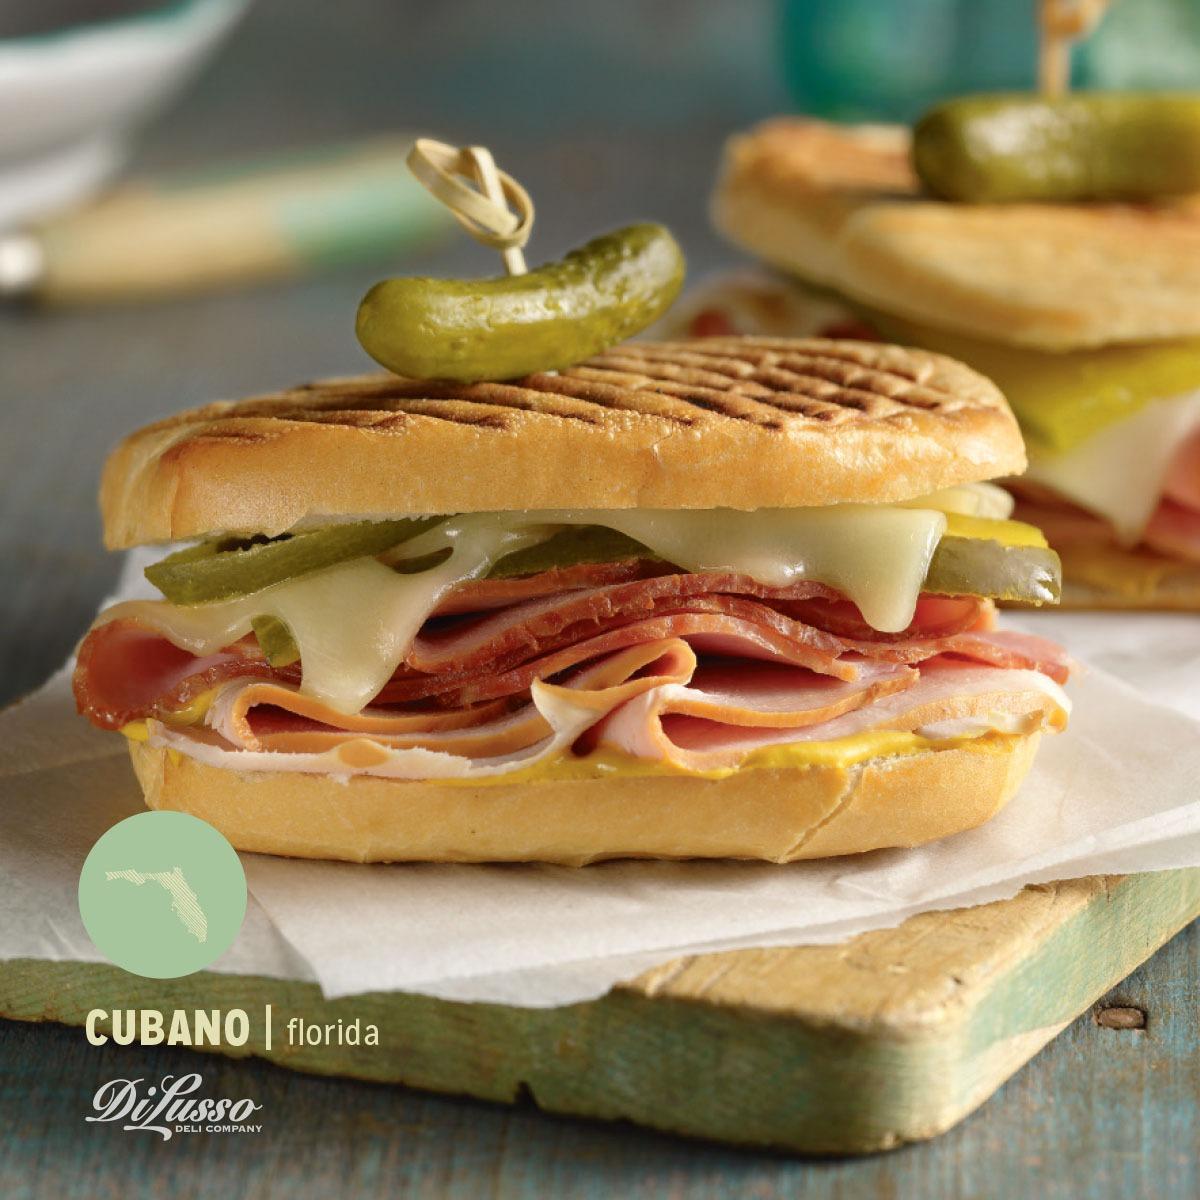 DDC0216-009_Q3JuneContent_SandwichStates_Pic2